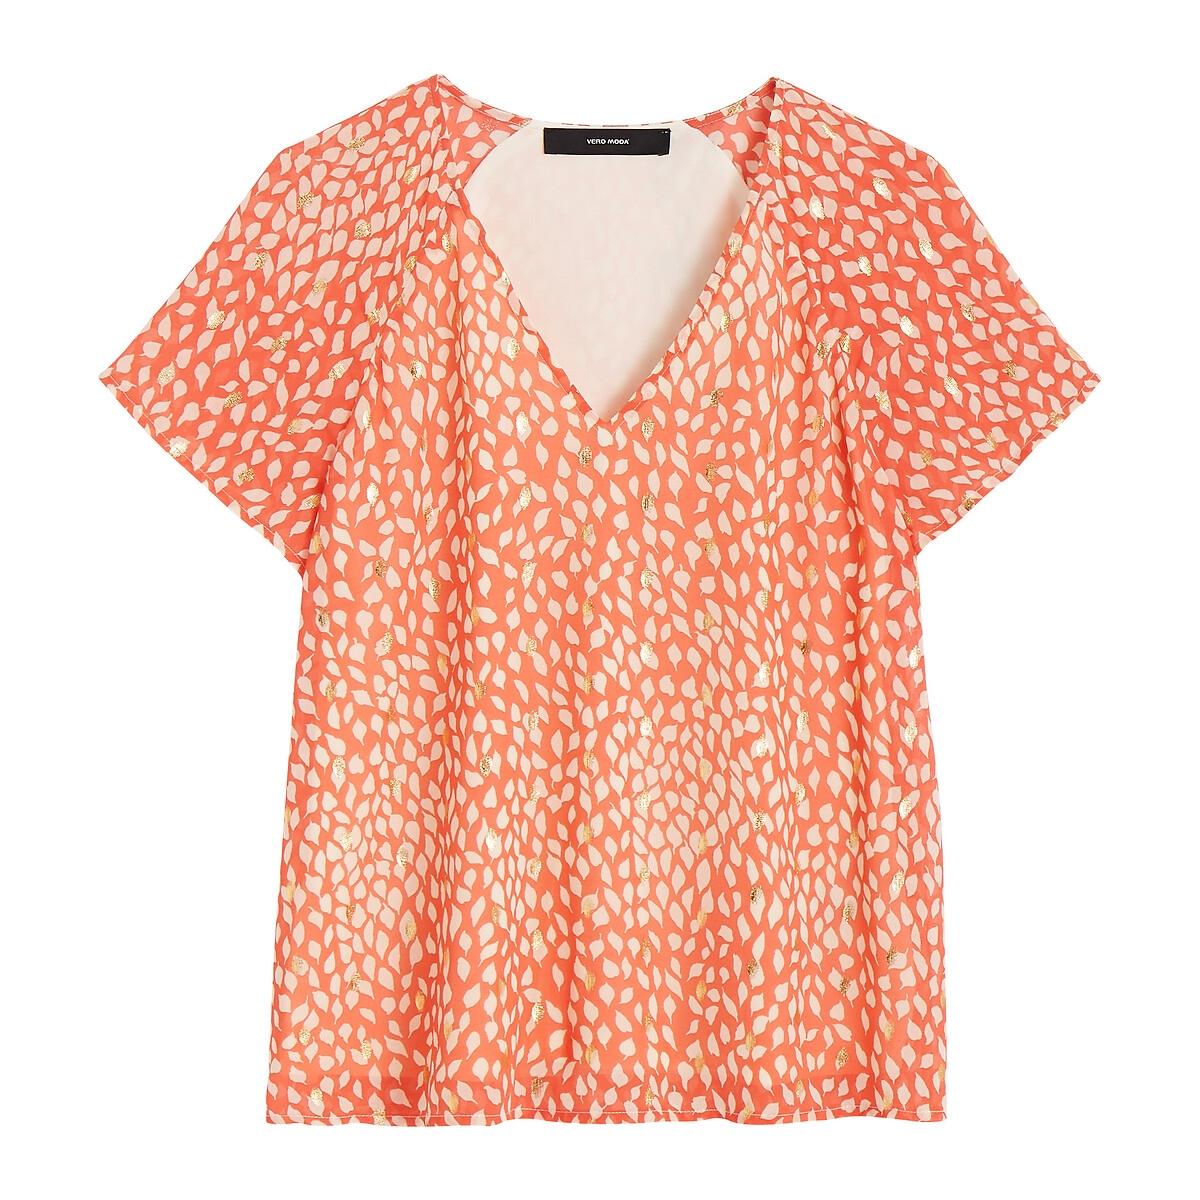 Блузка La Redoute Струящаяся с короткими рукавами и рисунком из золотистой фольги L розовый блузка с рисунком и рукавами с напуском kalao blouse